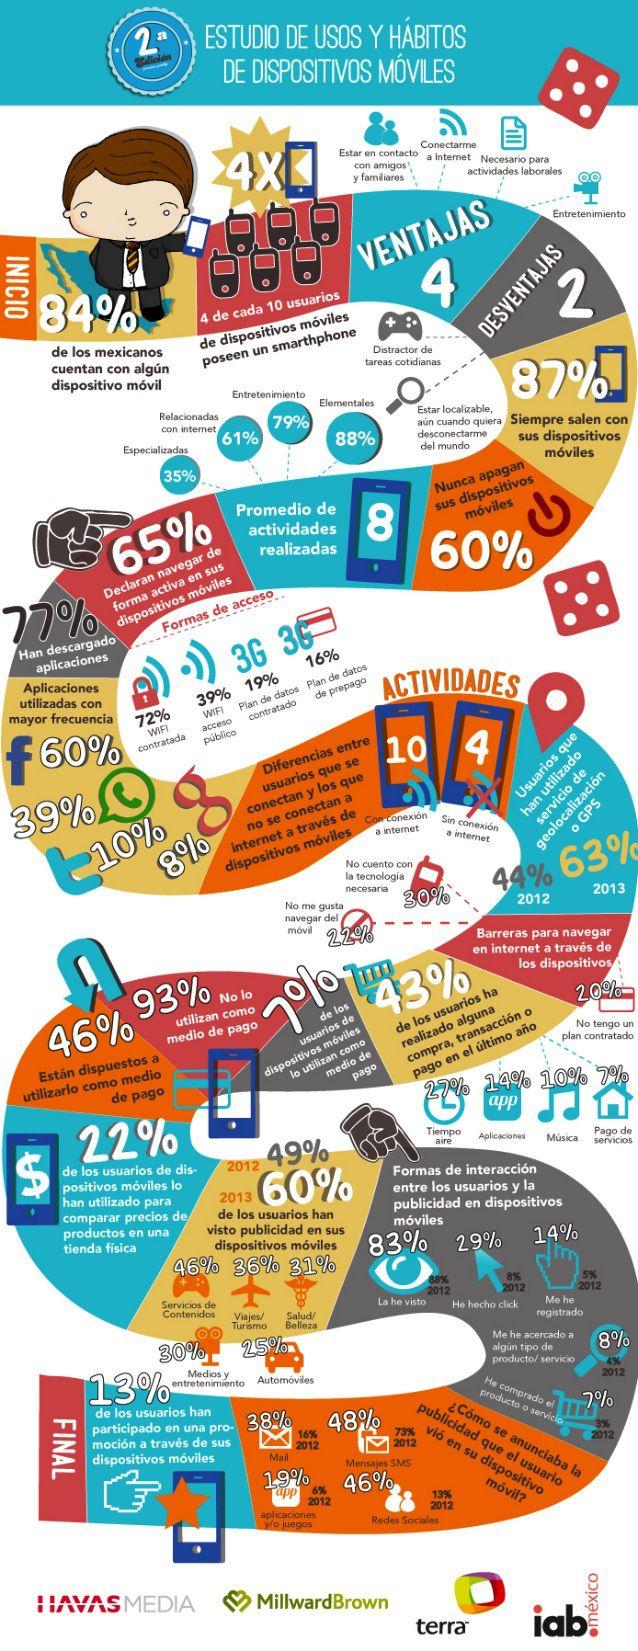 Estudio de Usos y Hábitos de Dispositivos Móviles #infografia